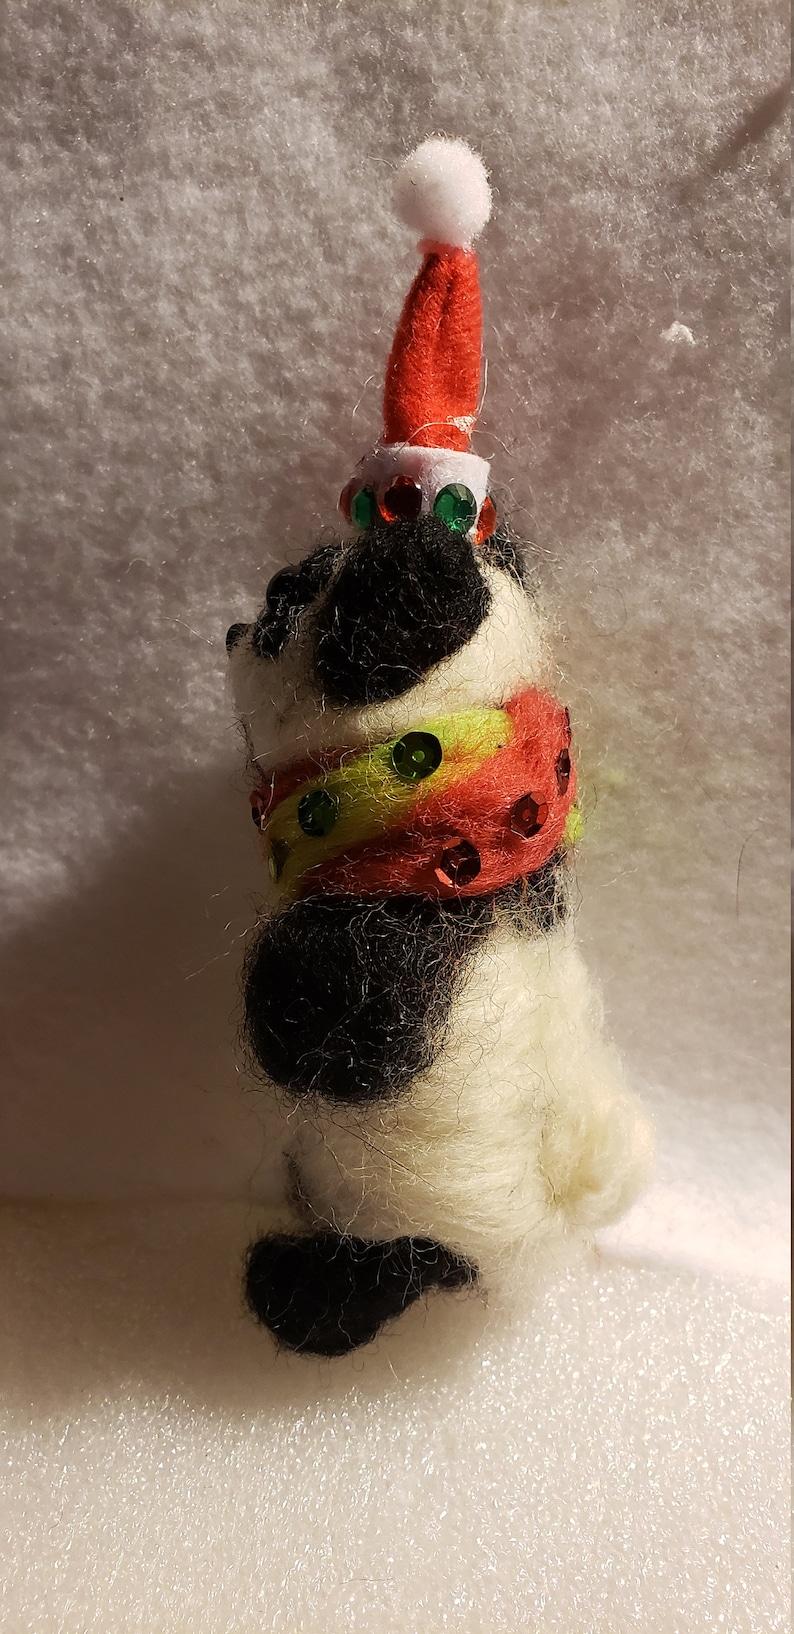 Henry The Christmas Panda